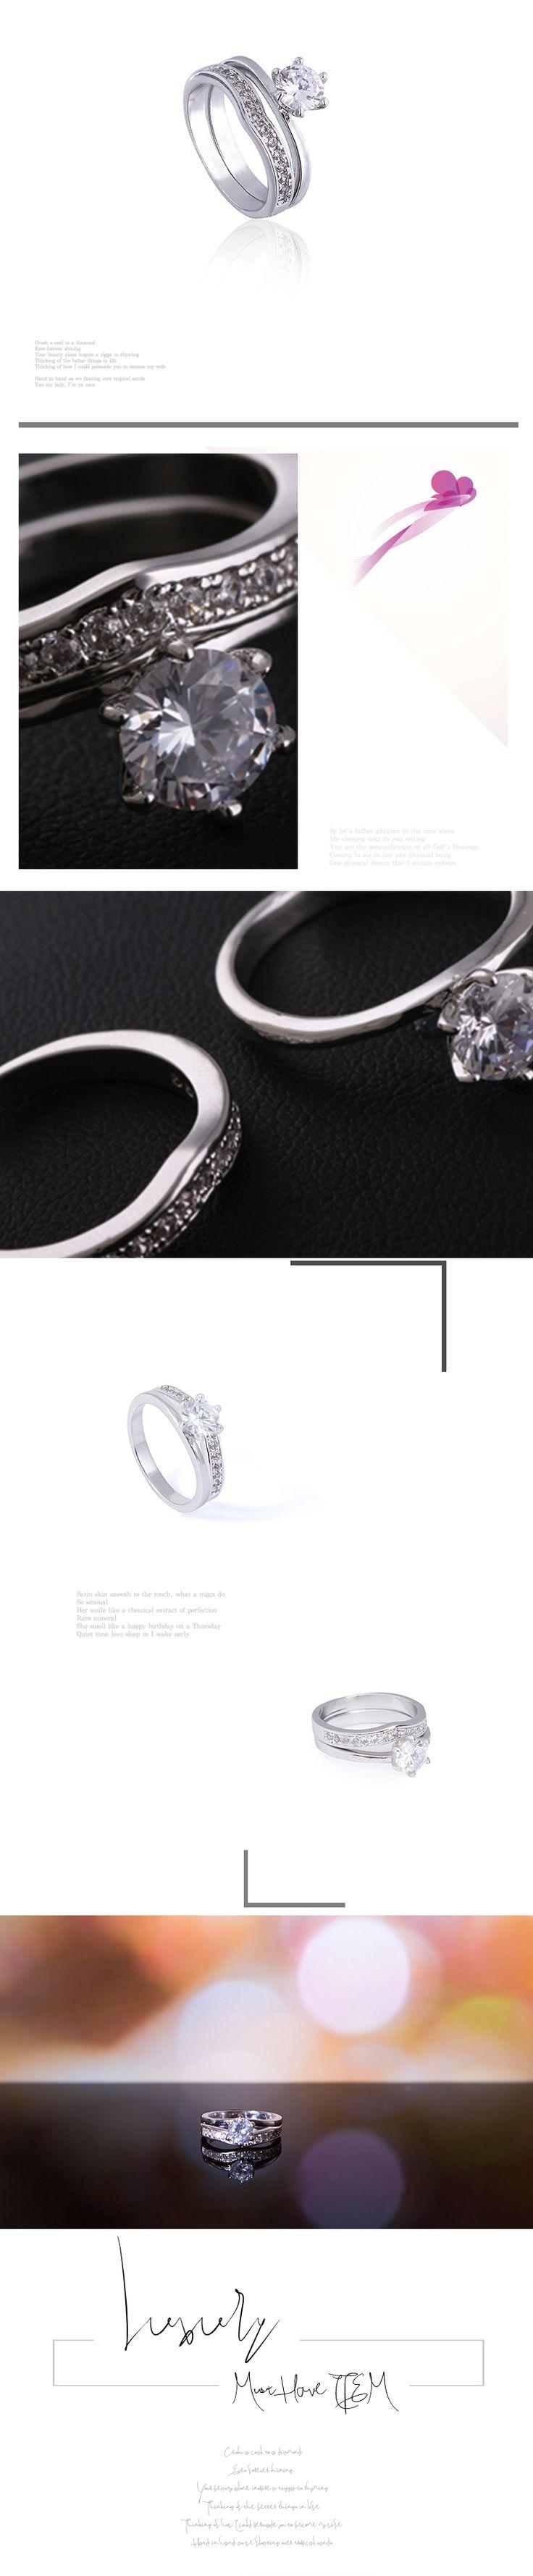 쥴리아 반지 : RING > 모르페